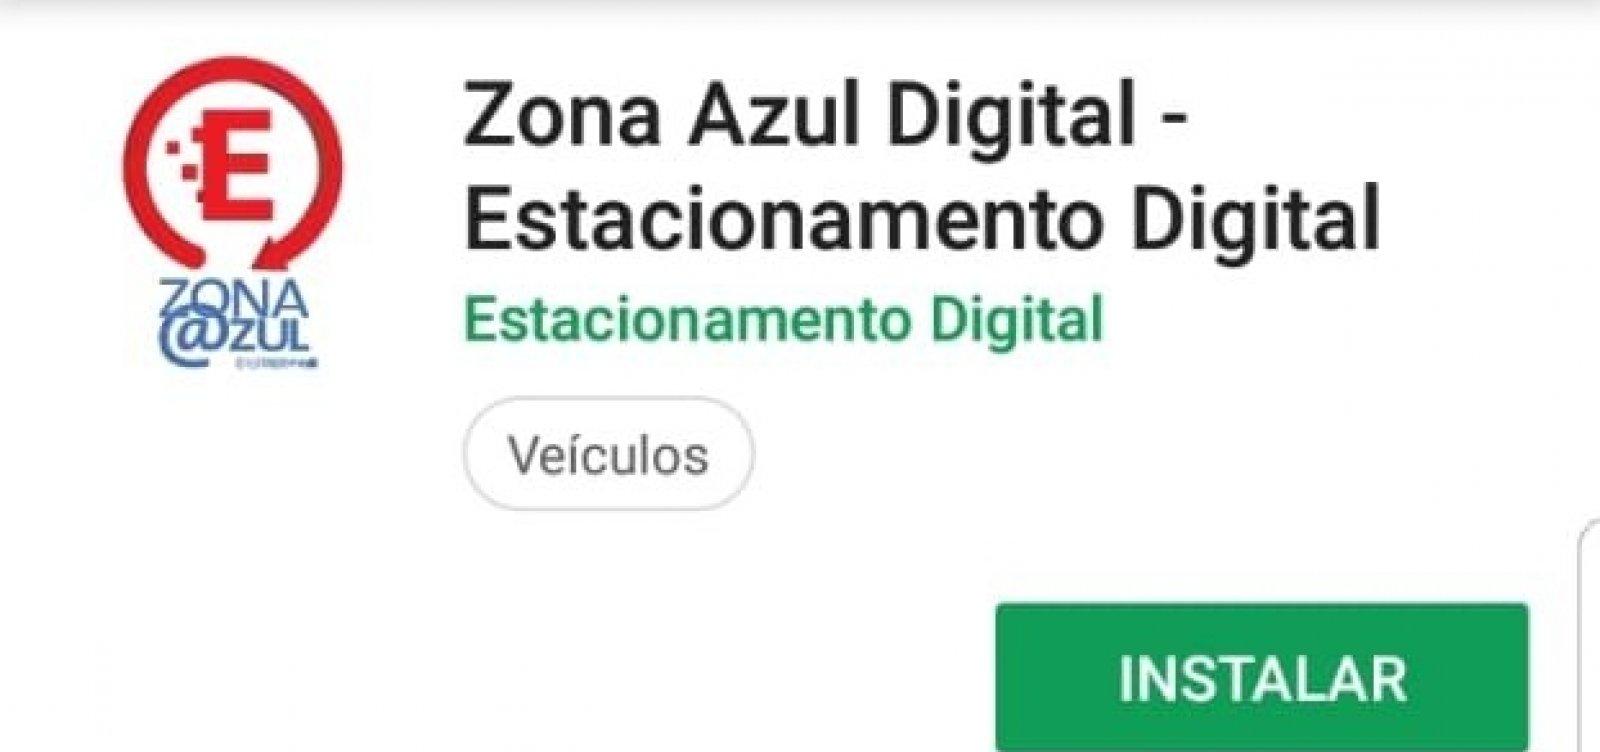 Zona Azul digital: mais empresas devem ser credenciadas, avisa Müller